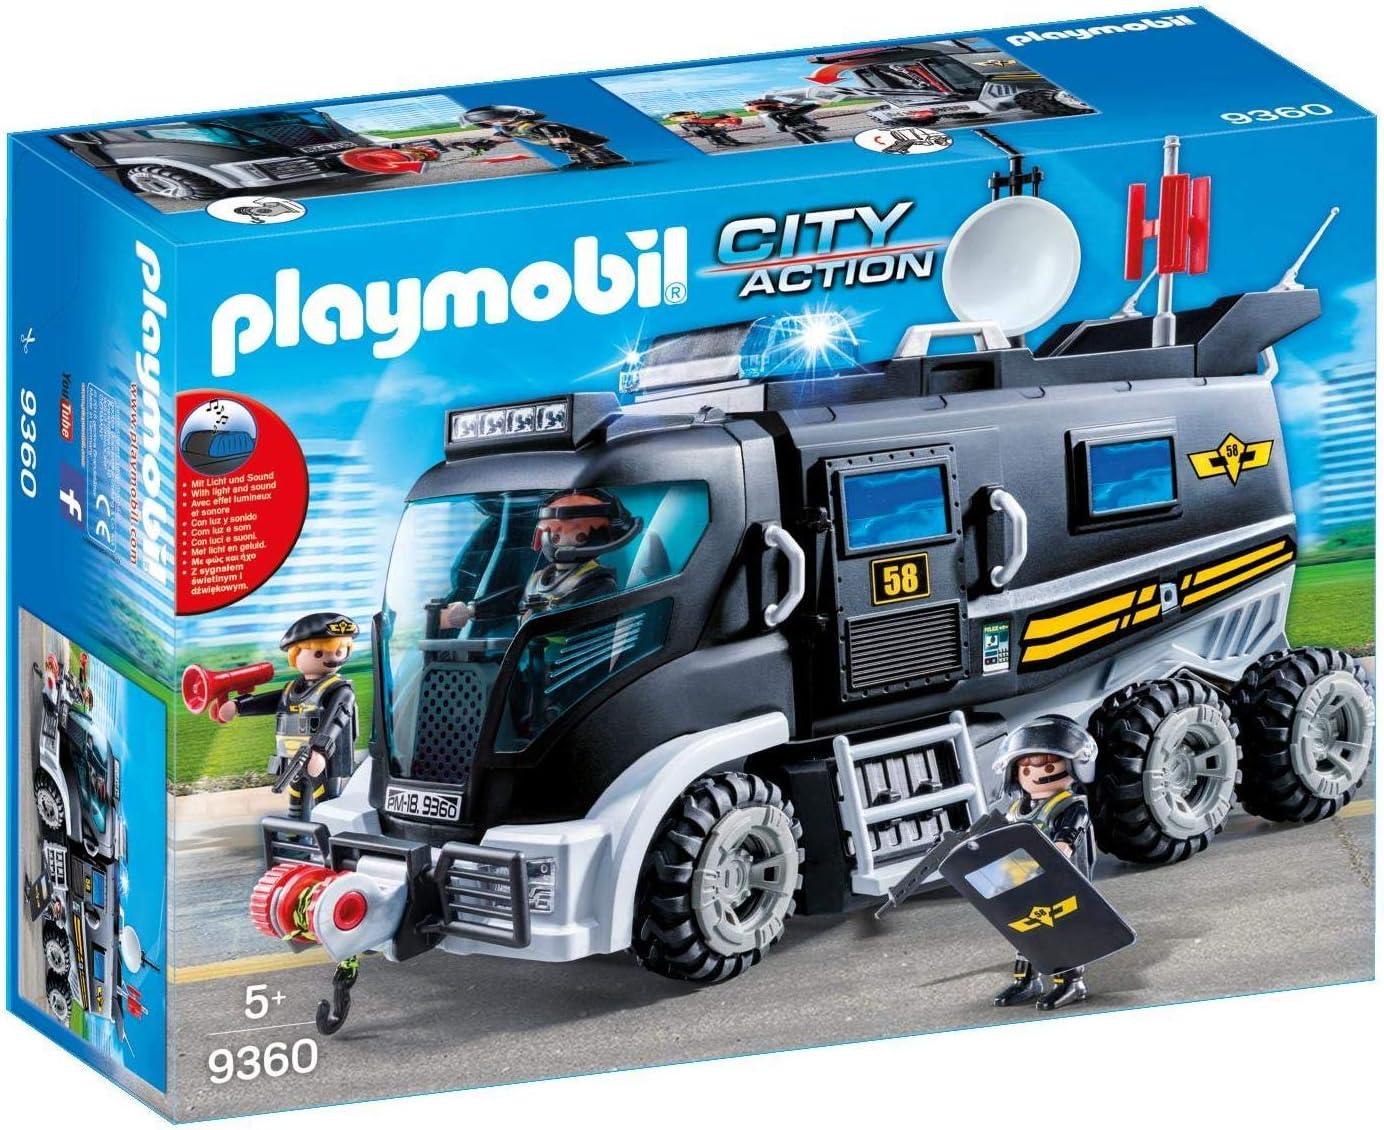 PLAYMOBIL City Action Vehículo con luz LED y Módulo de Sonido, a ...